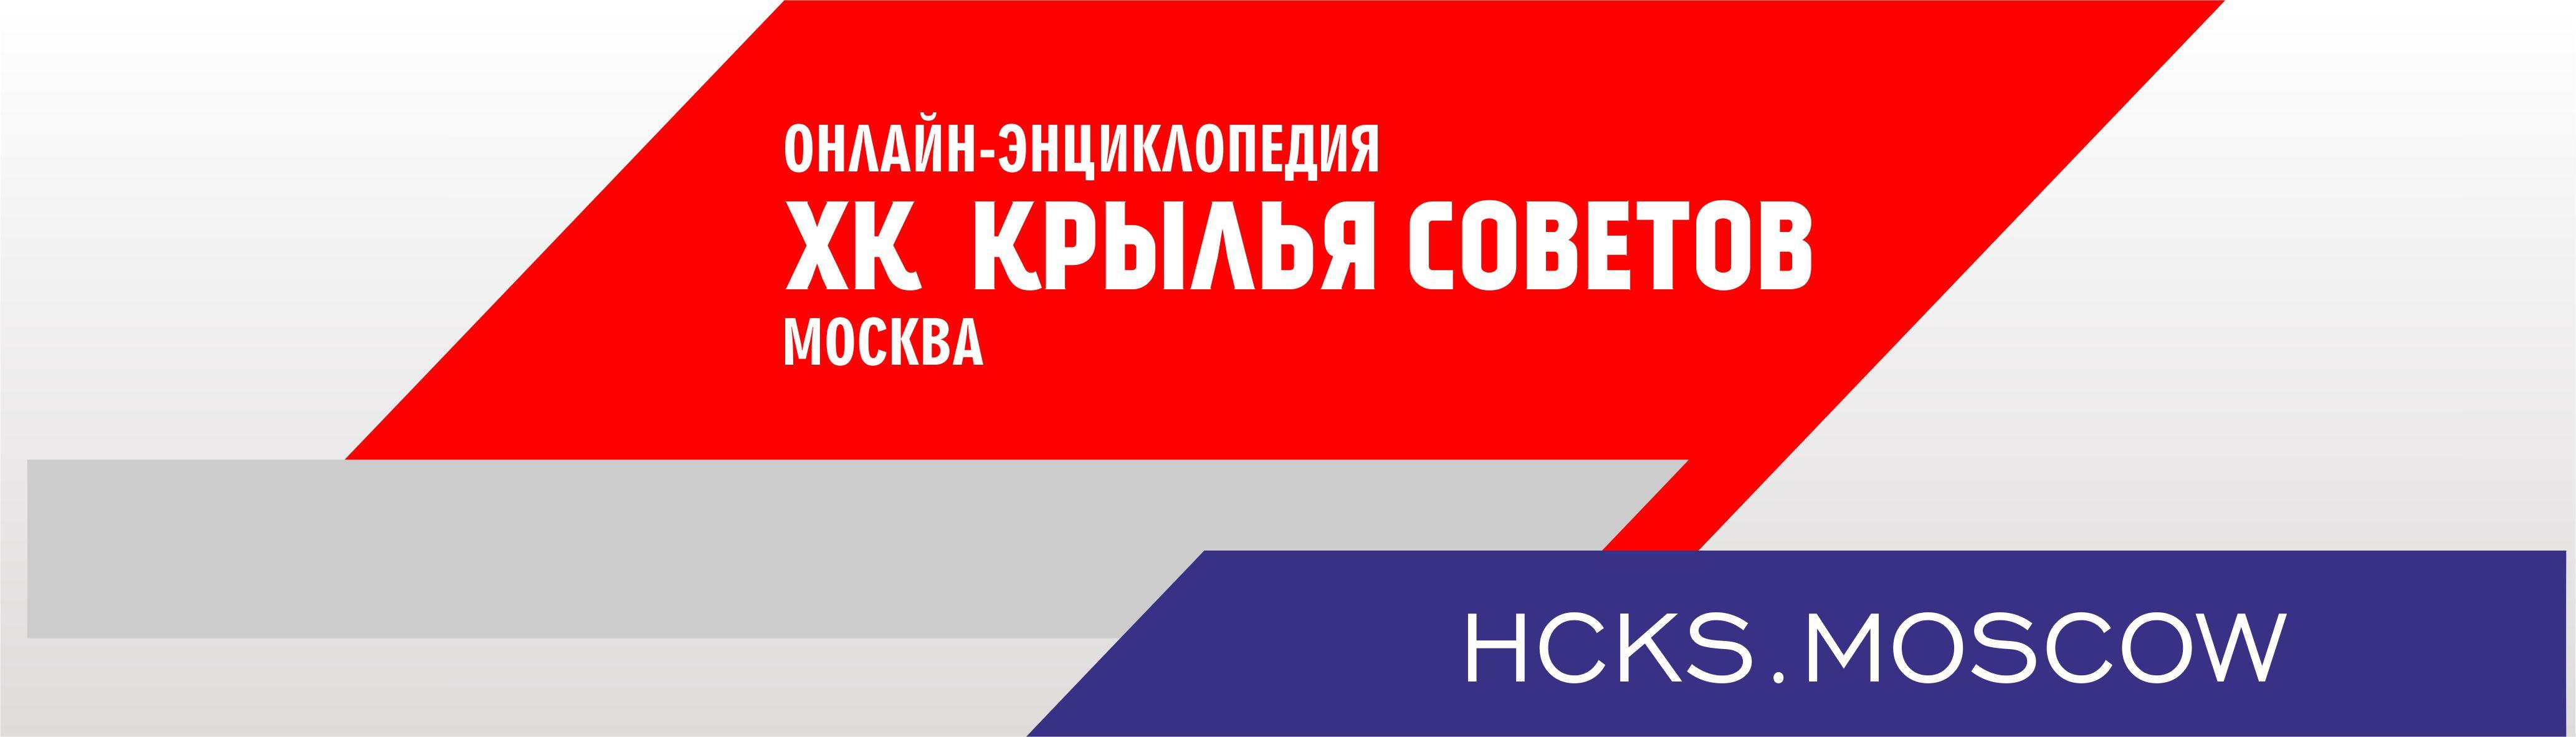 Крылья советов хоккейный клуб официальный сайт москва клуб тайм москва